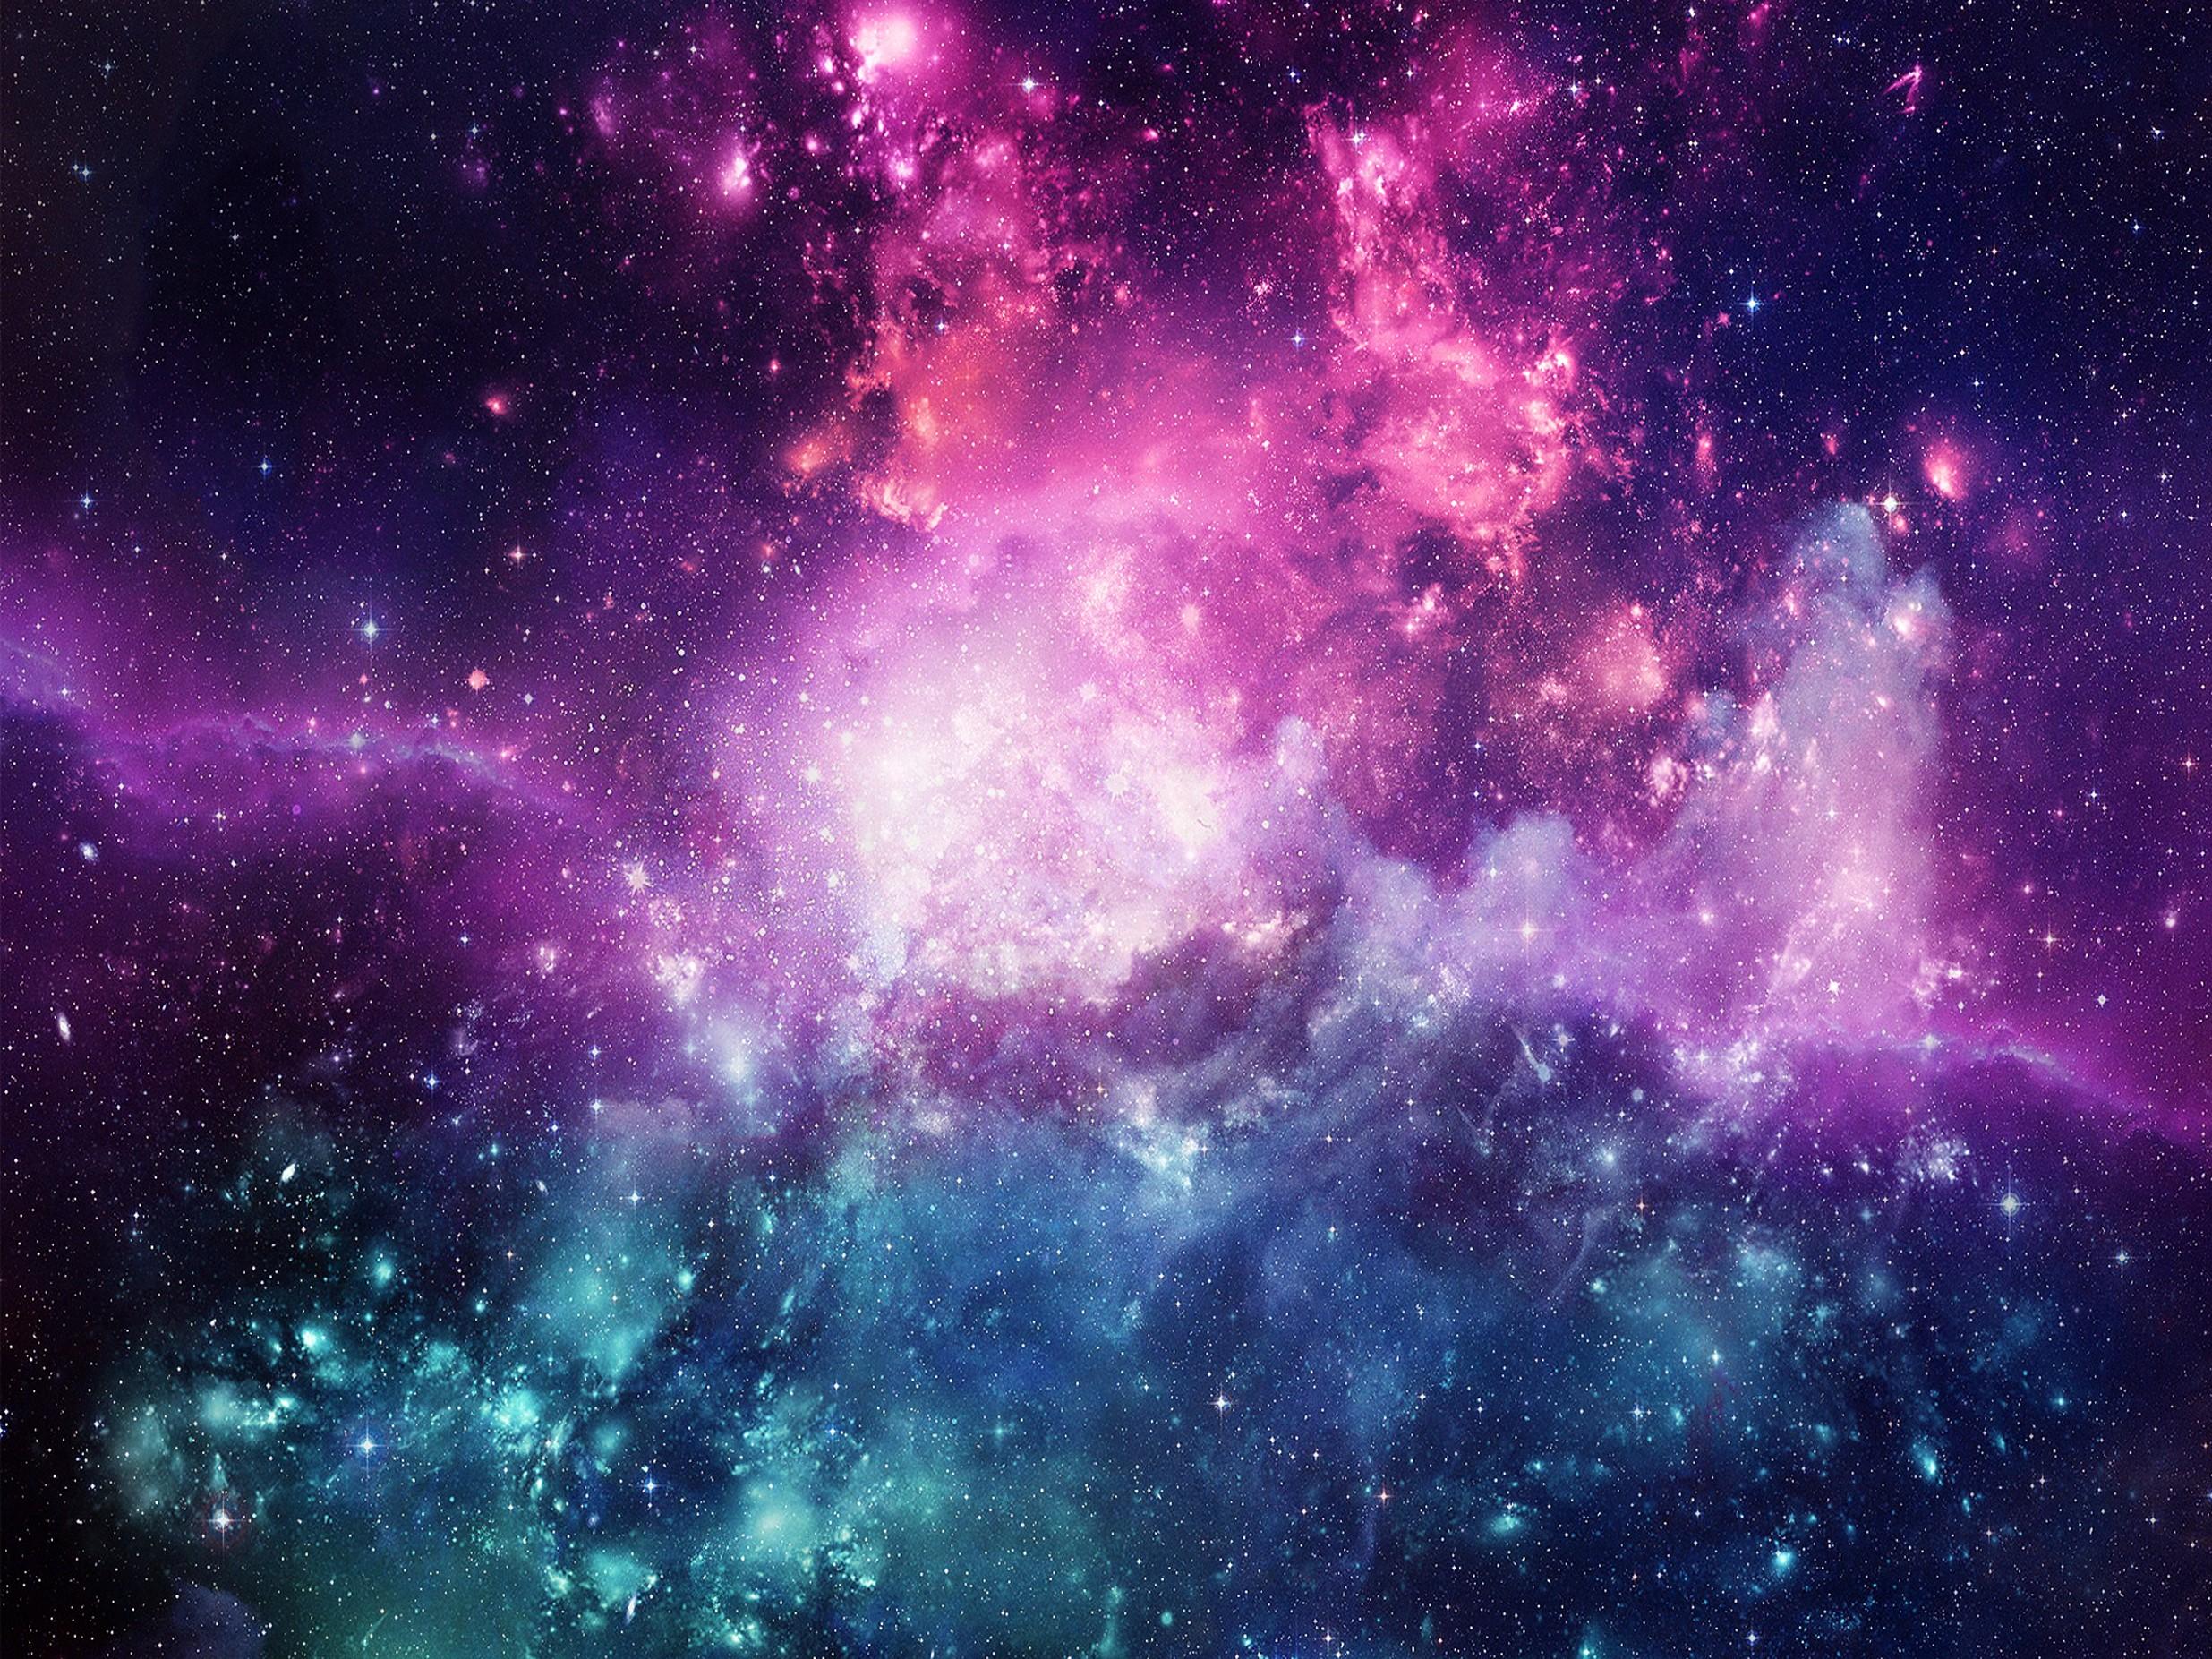 Las diversas moléculas presentes en el espacio permiten a los astrónomos conocer la morfología, densidad, temperatura y movimiento del gas que las contiene.